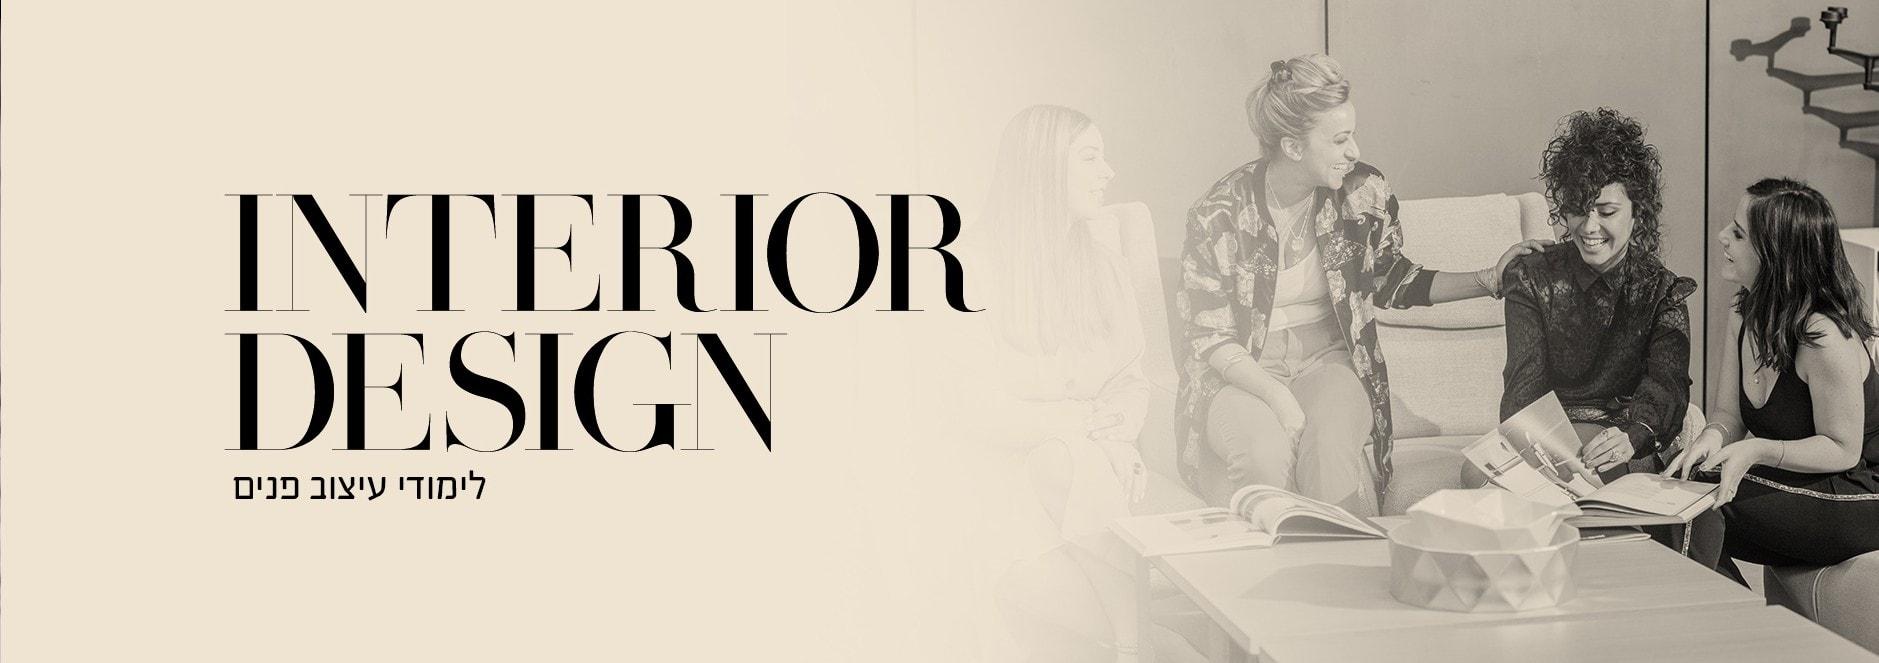 לימודי עיצוב פנים בשיטת ברברה ברזין, ללמוד כדי לעבוד, 40 שנות ניסיון, ליווי אישי לקריירה משגשגת